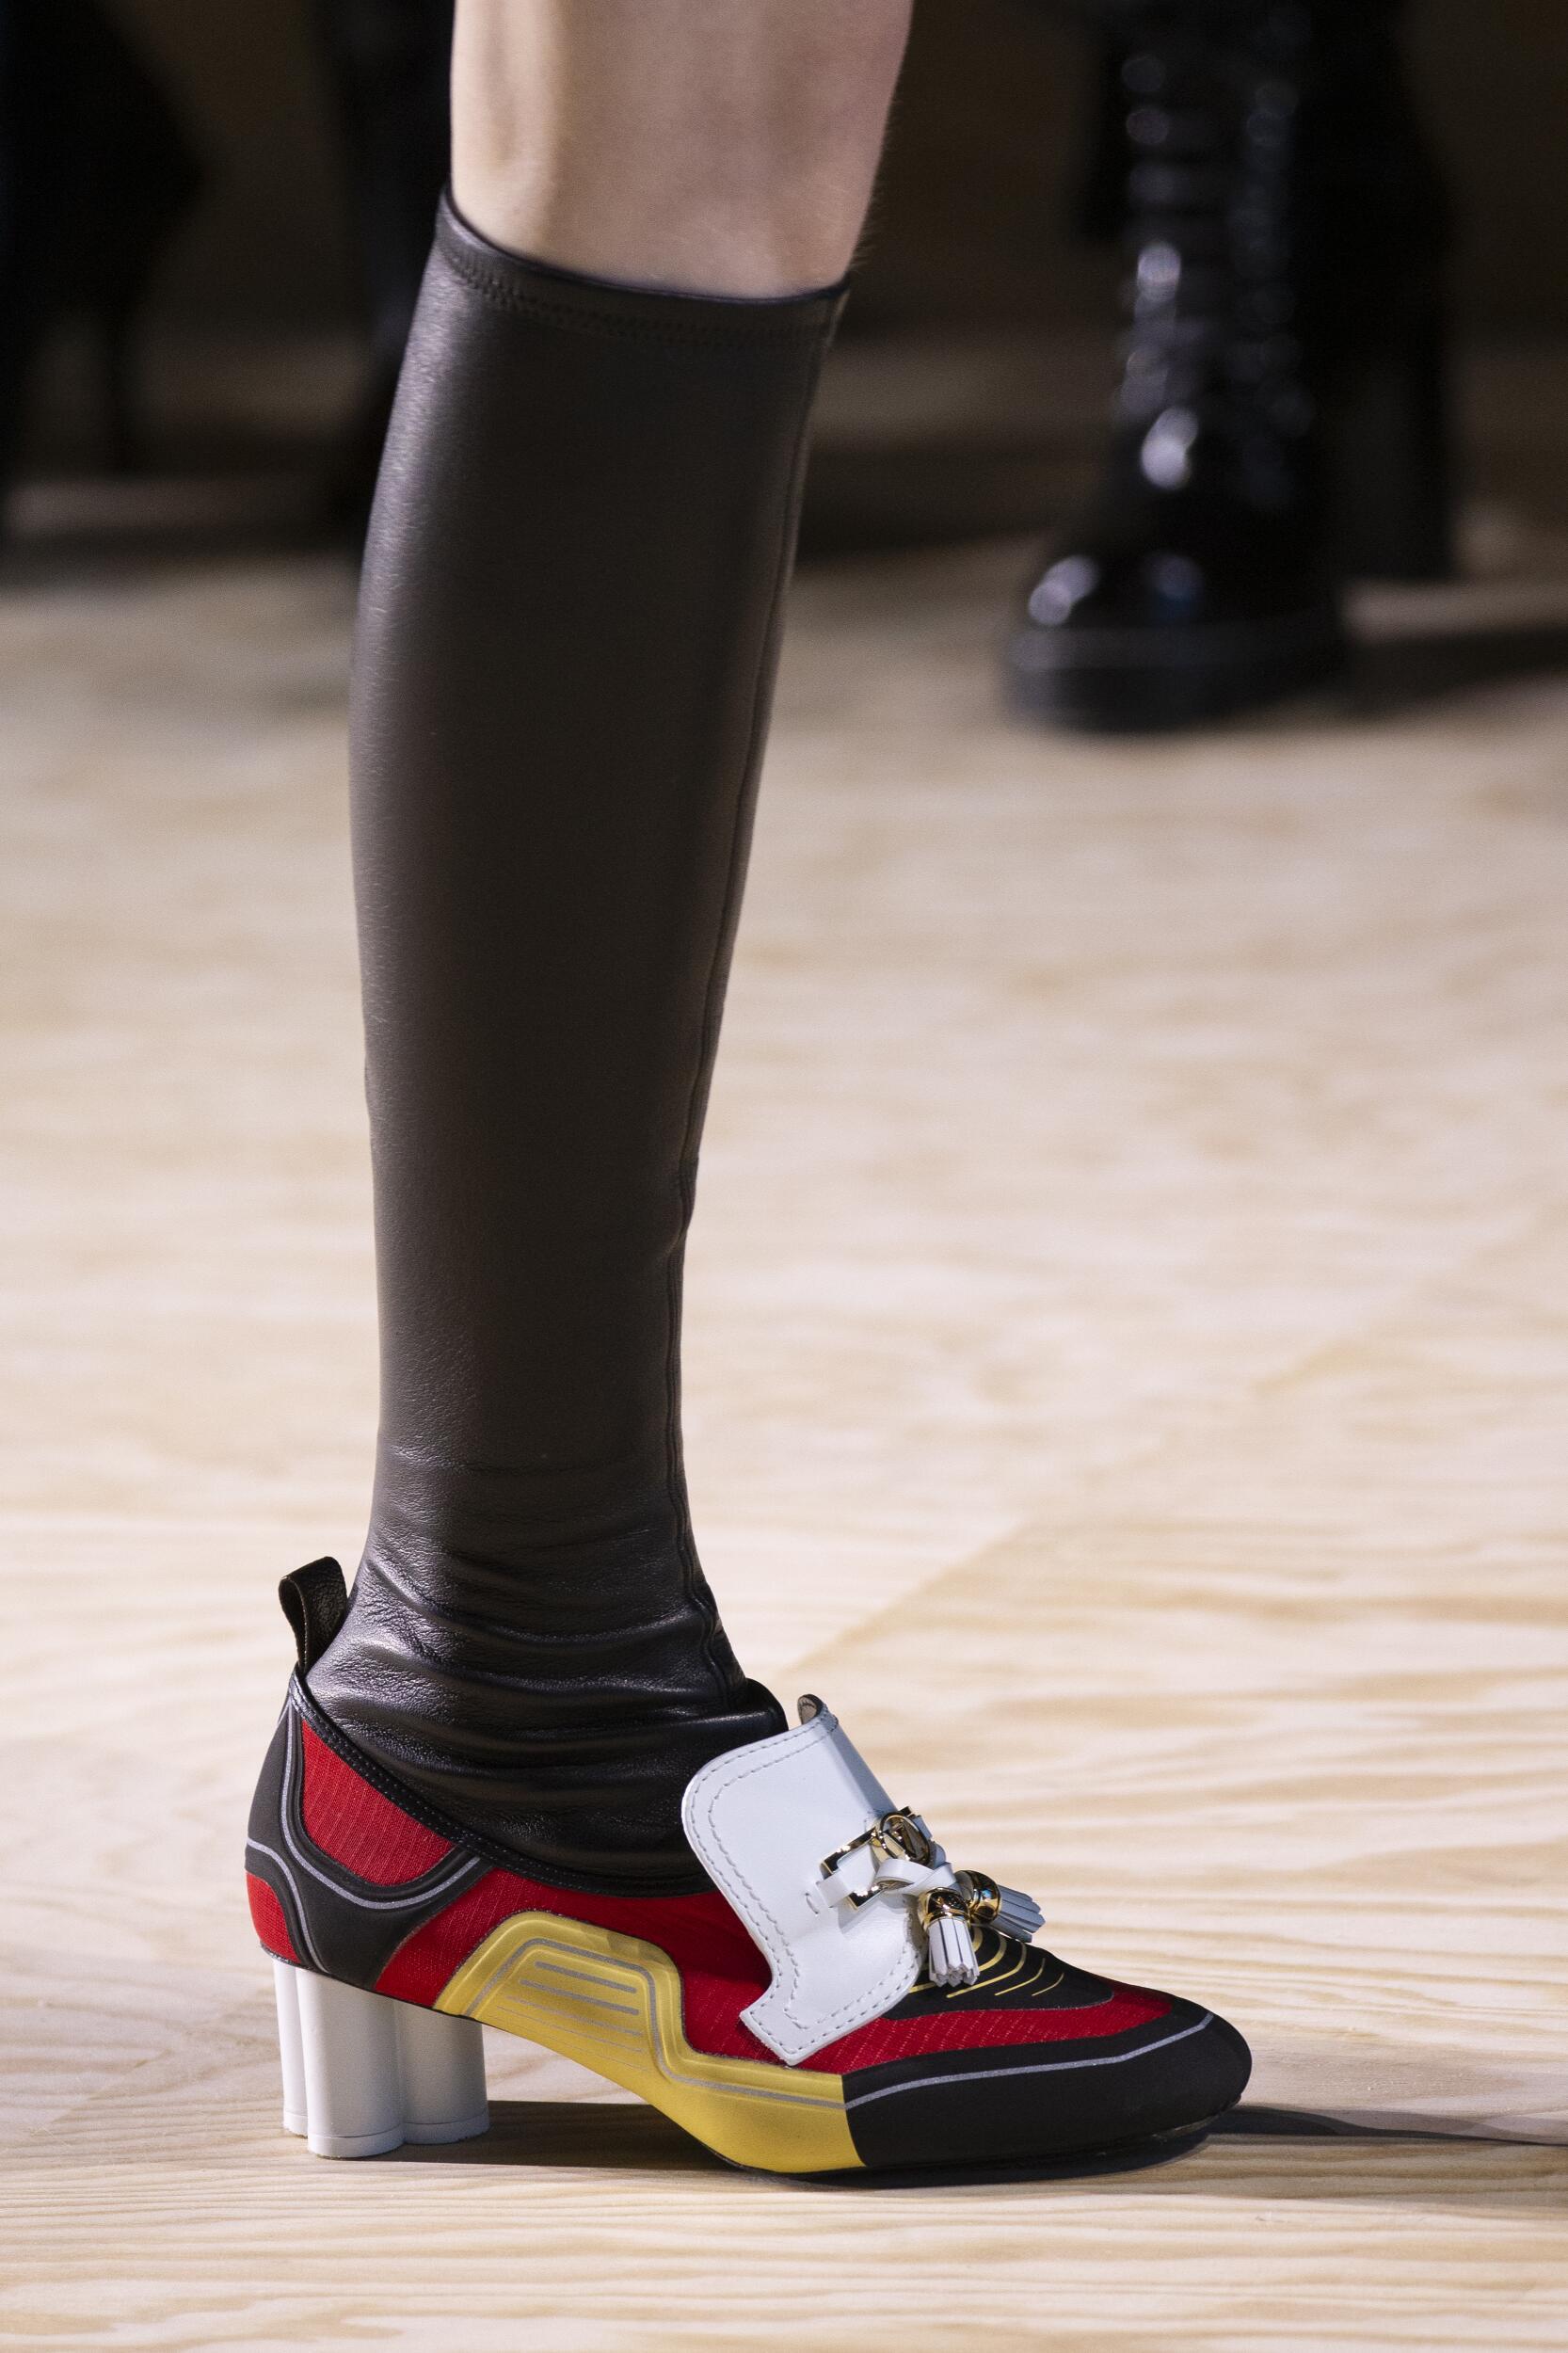 2020 Louis Vuitton Summer Shoes